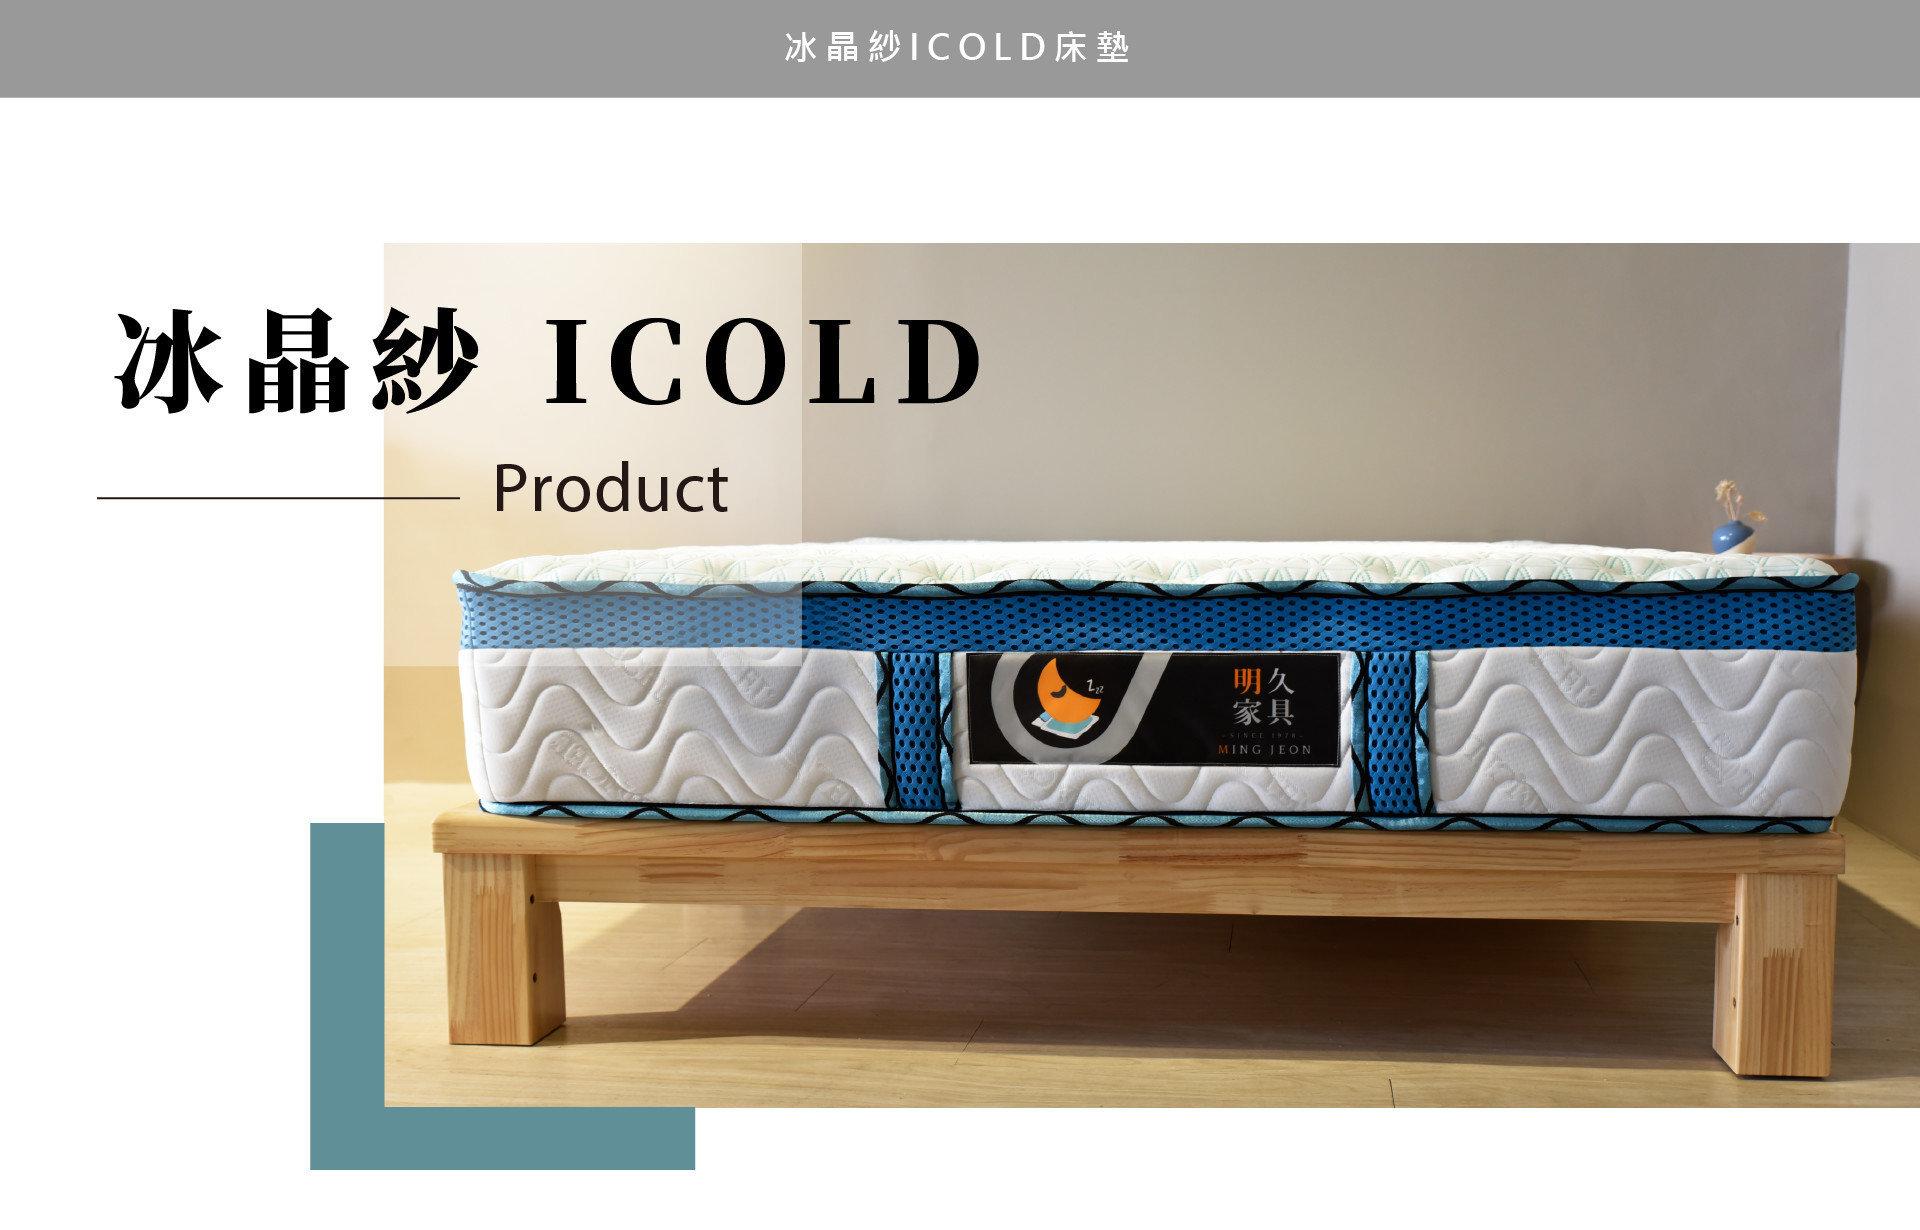 冰晶砂 ICE COLD床墊商品實照